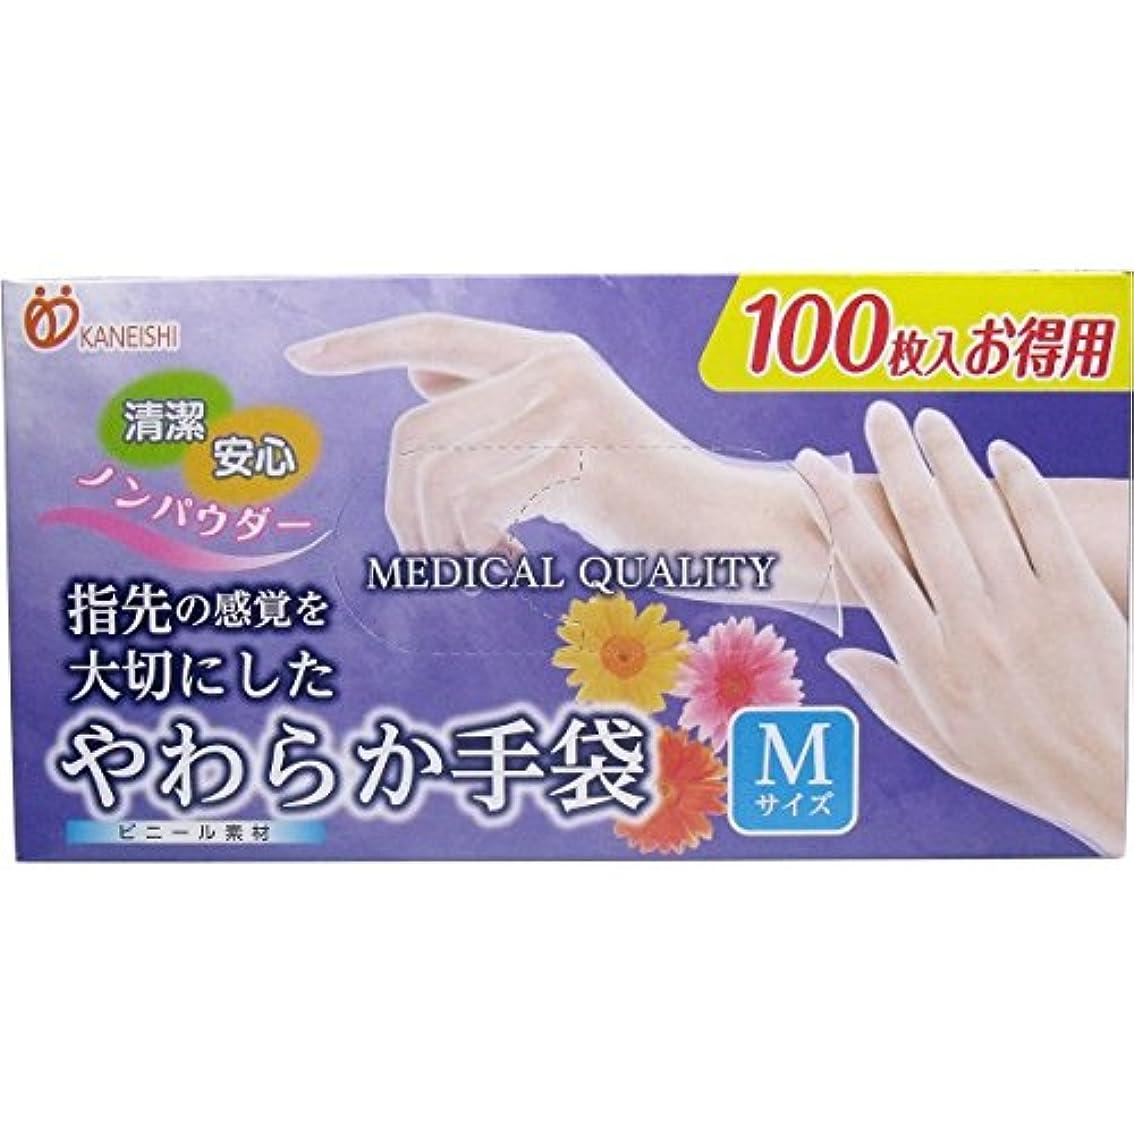 狂気の面では報復やわらか手袋 ビニール素材 Mサイズ 100枚入x2